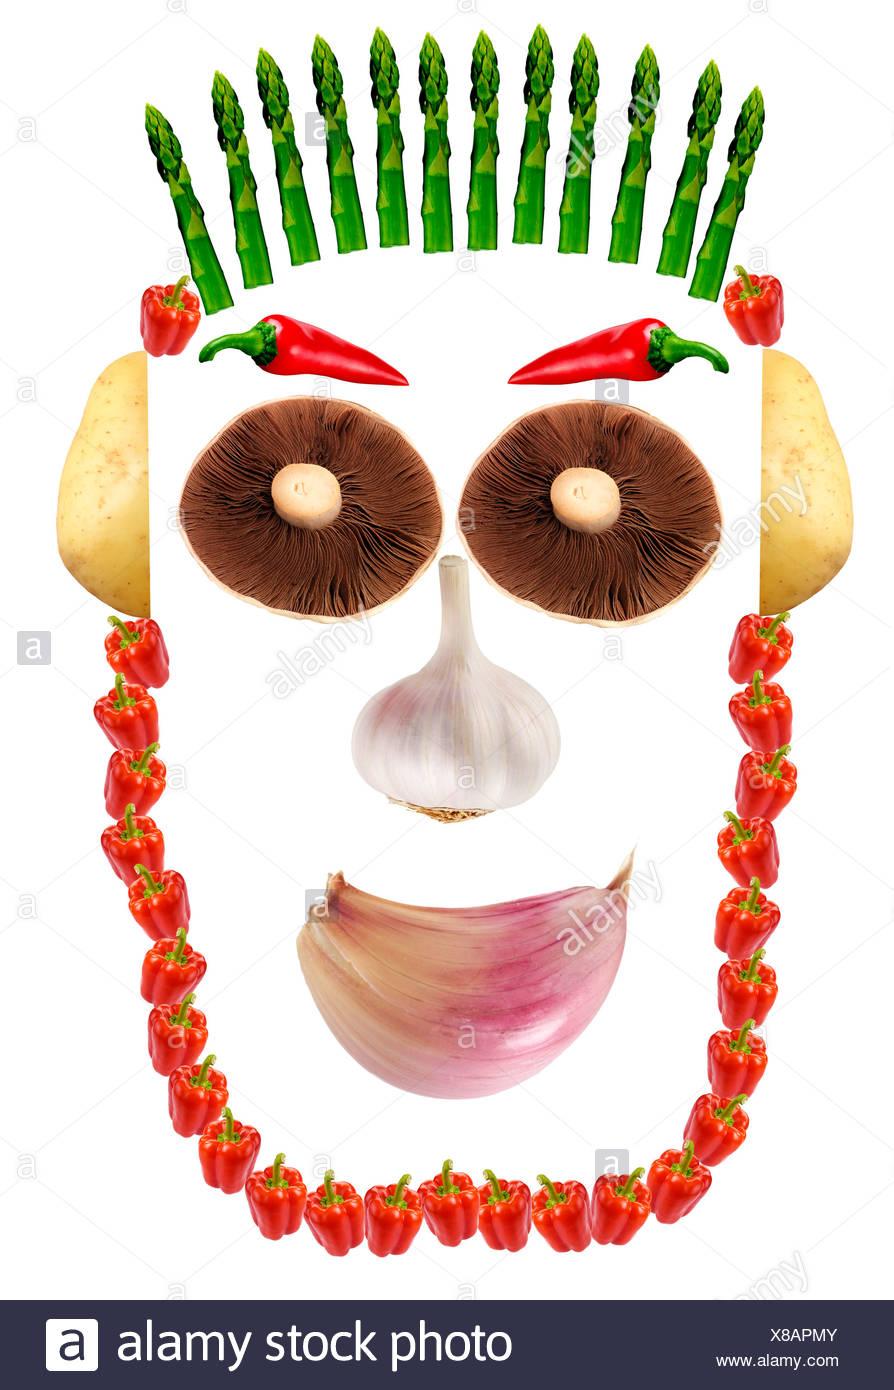 Cara de hortalizas en blanco Imagen De Stock